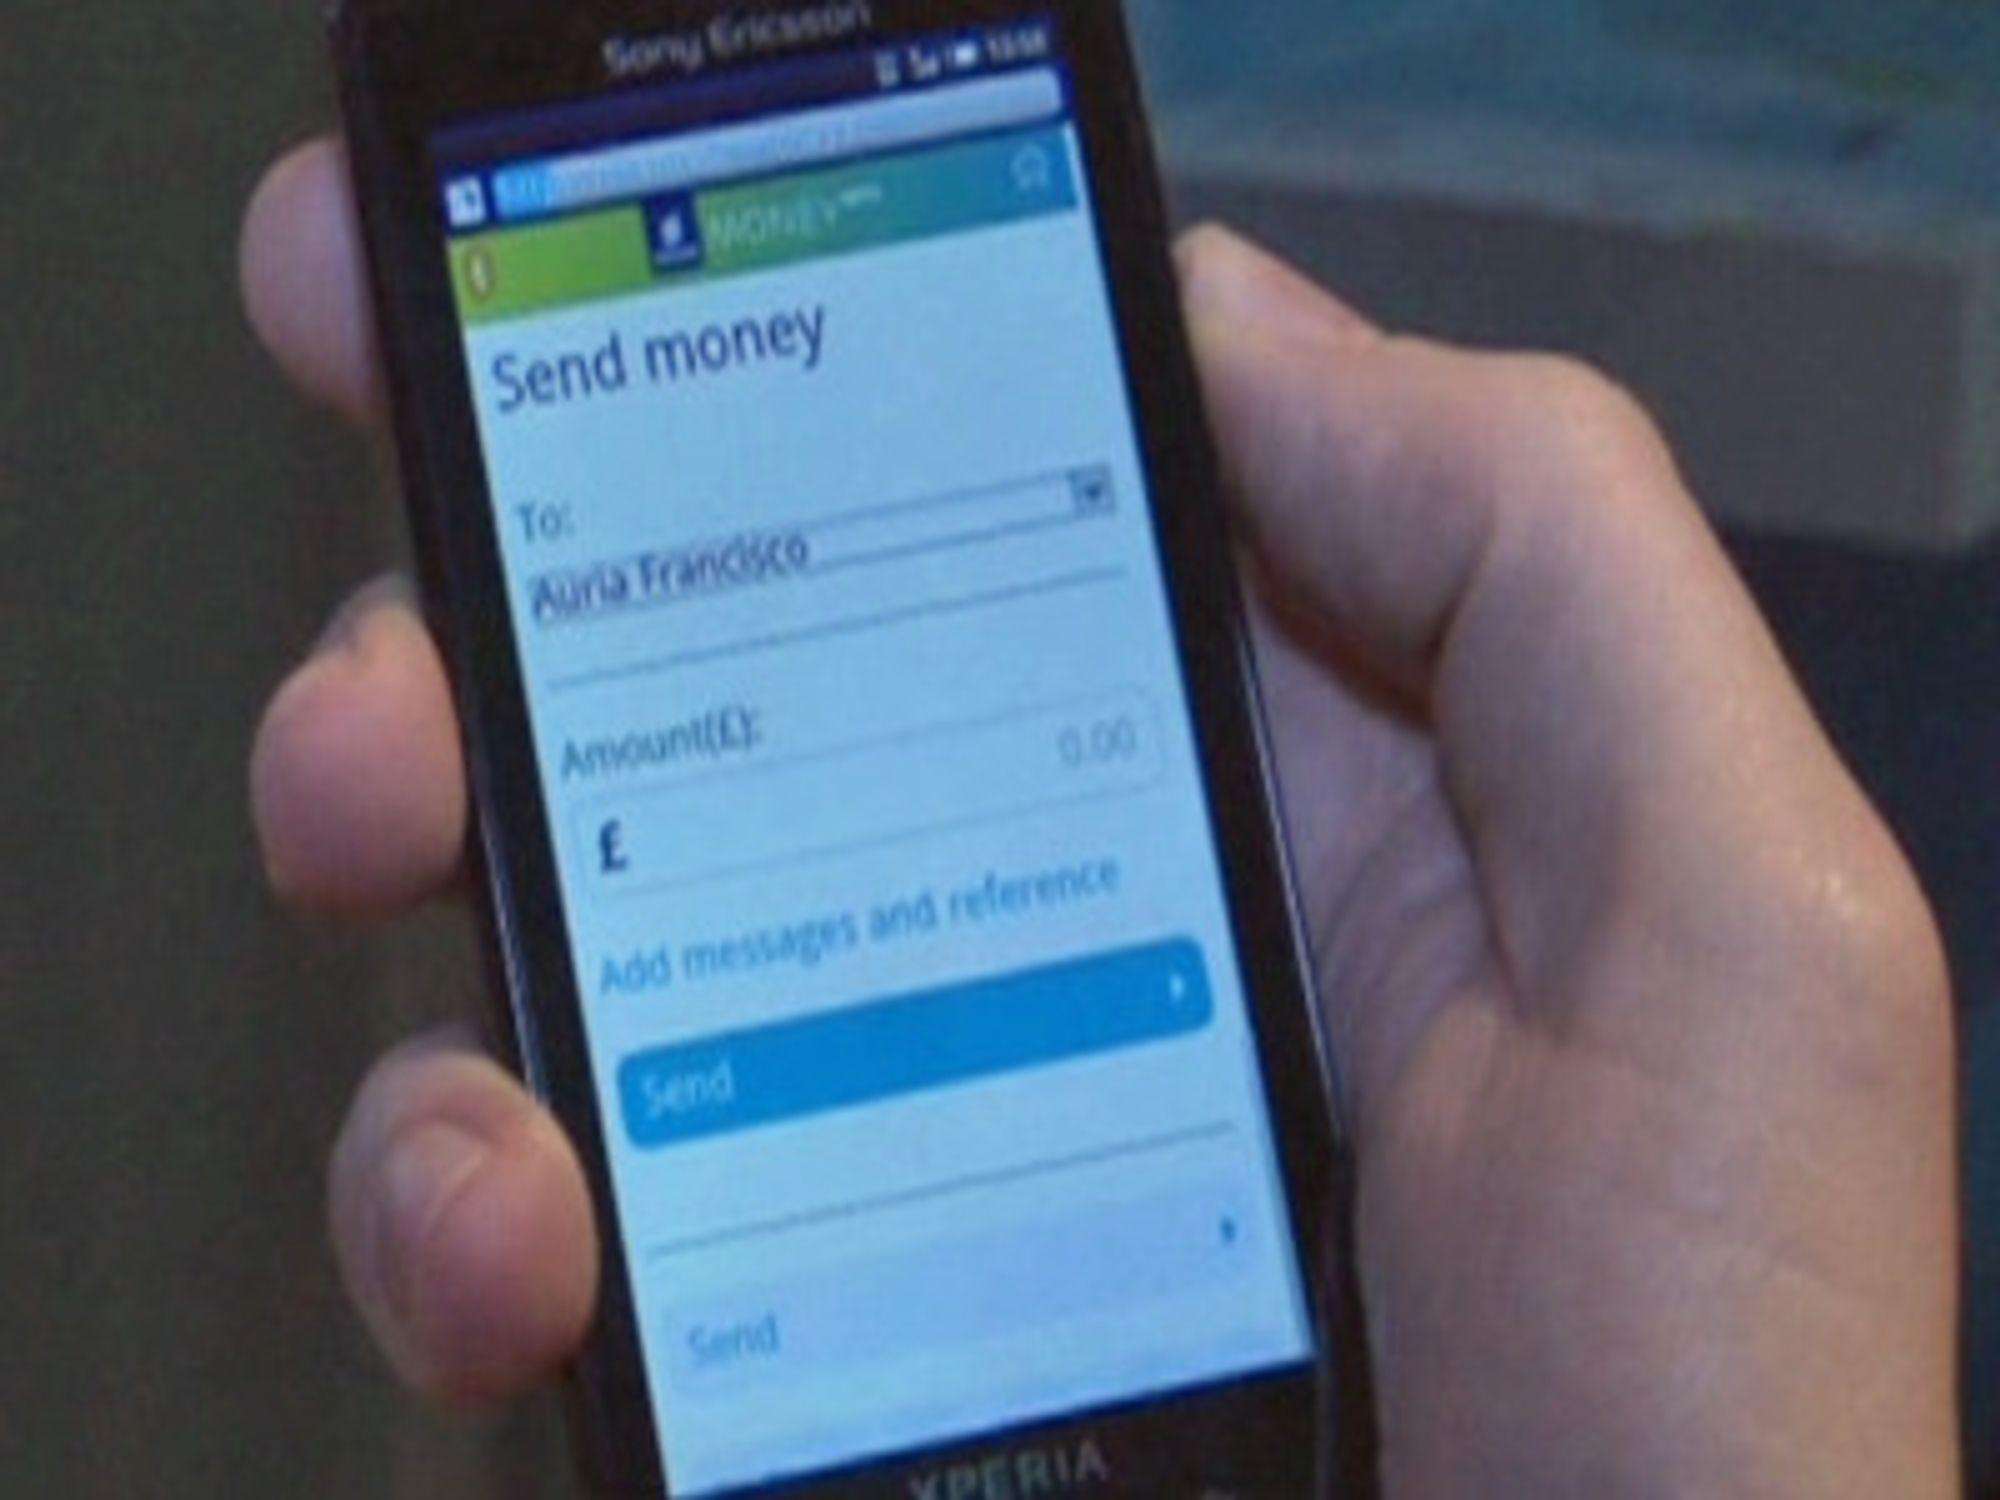 Ericsson tilbyr løsninger til operatører og banker som vil starte mobile betalingstjenester.